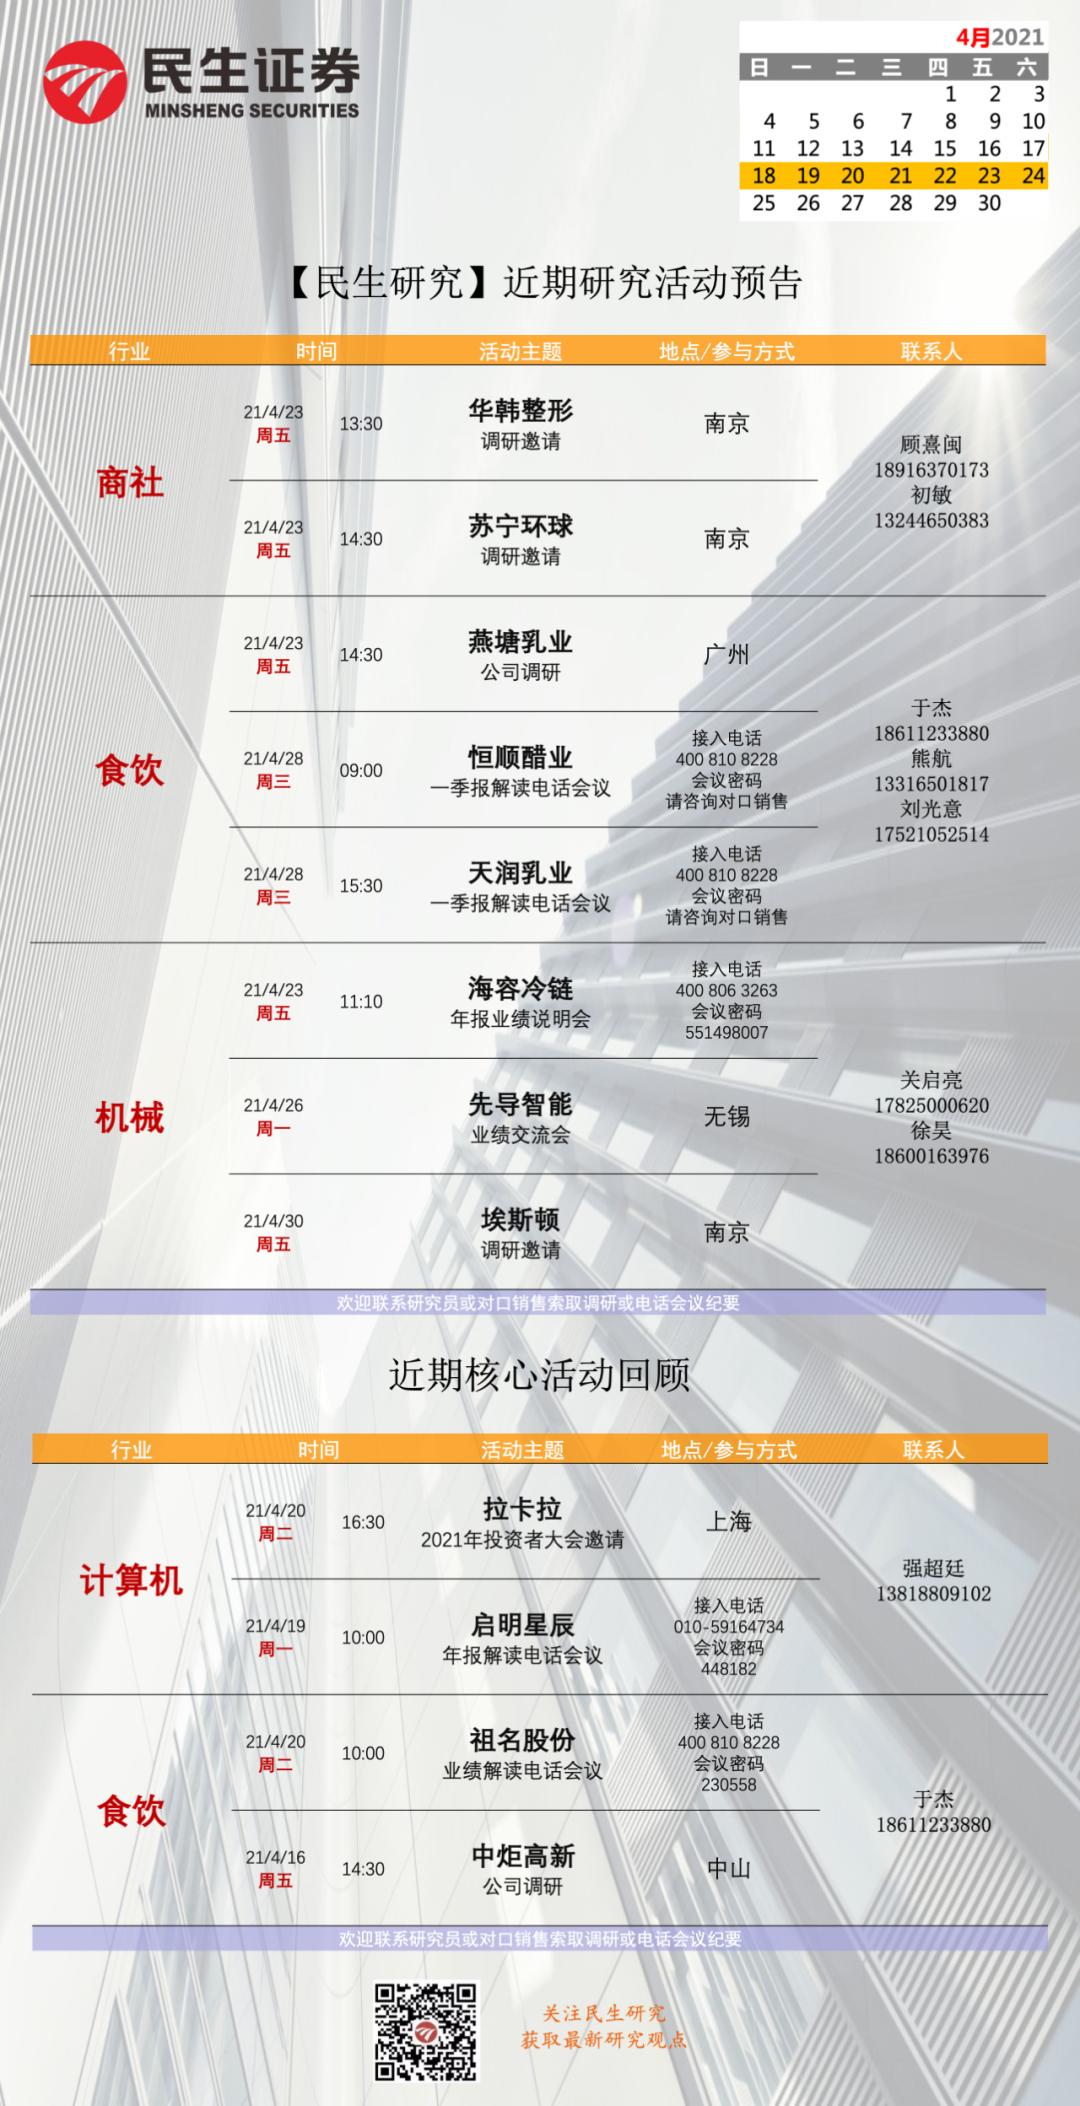 【民生证券研究院】晨会纪要20210422